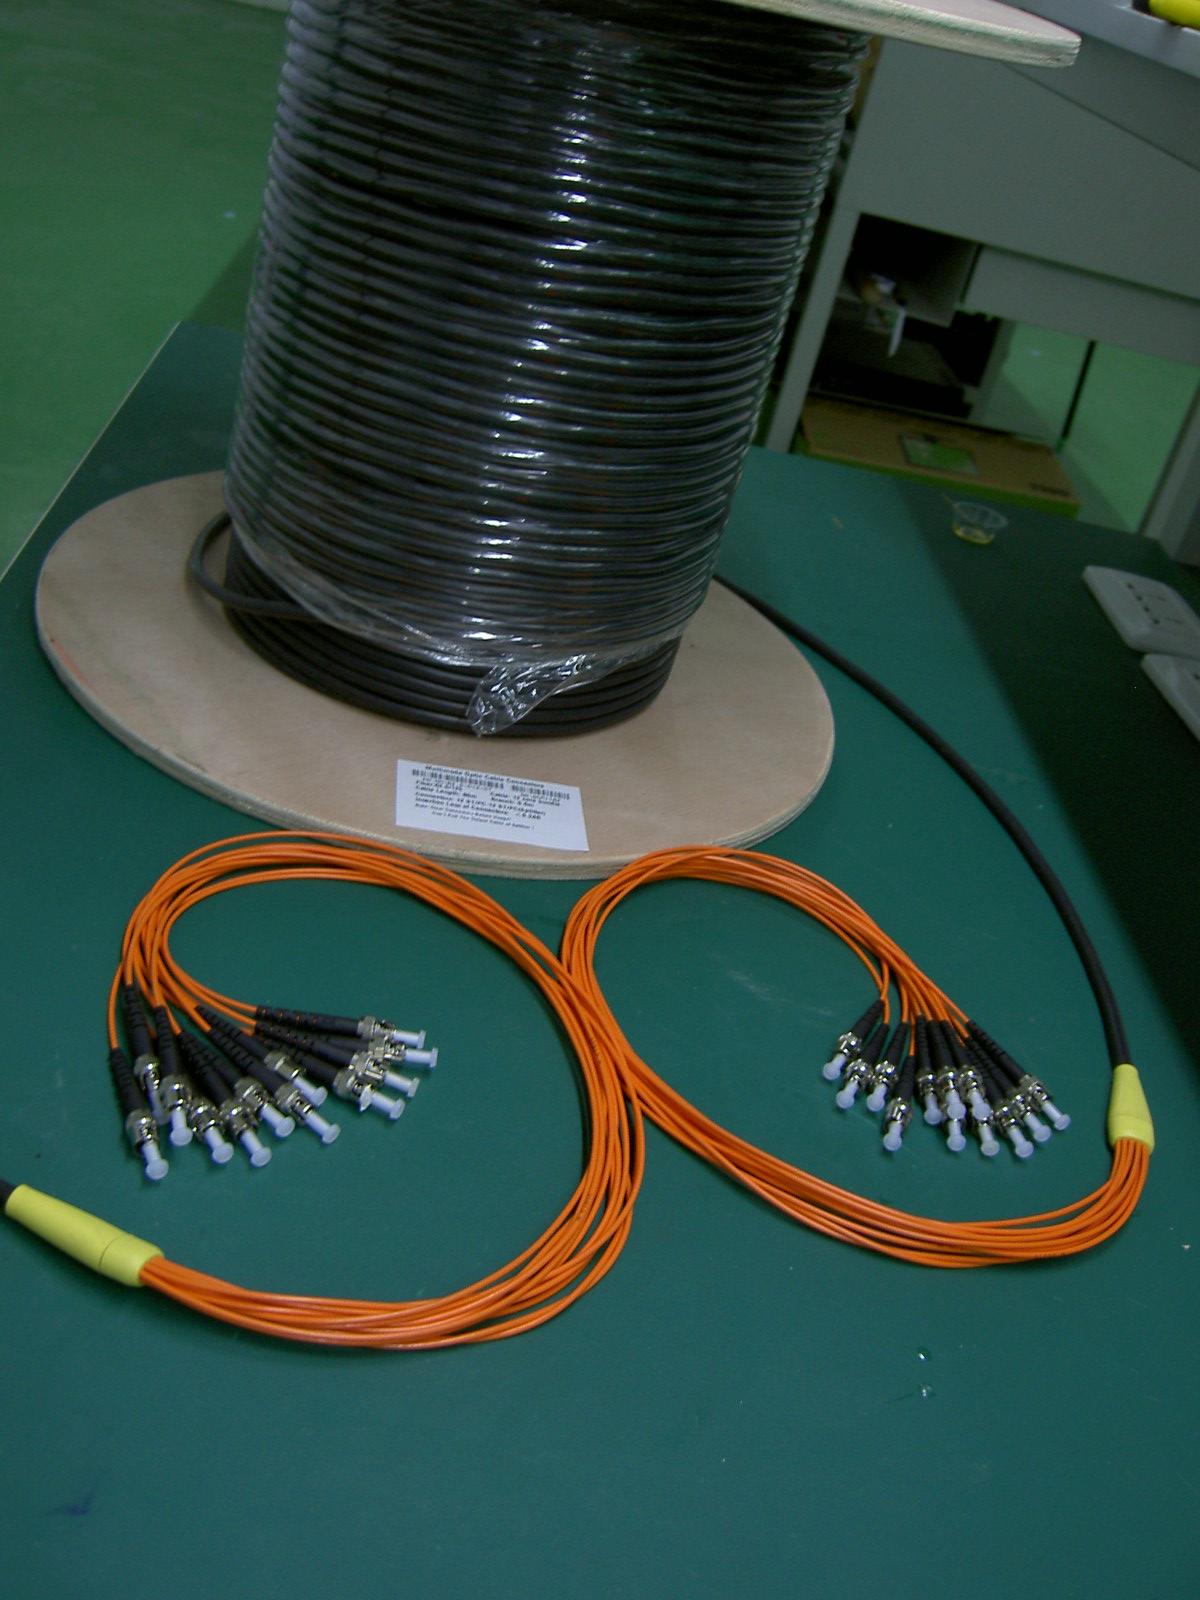 12芯室外光缆连接器分支(12 Cores Outdoor Cable Branch Connectors)